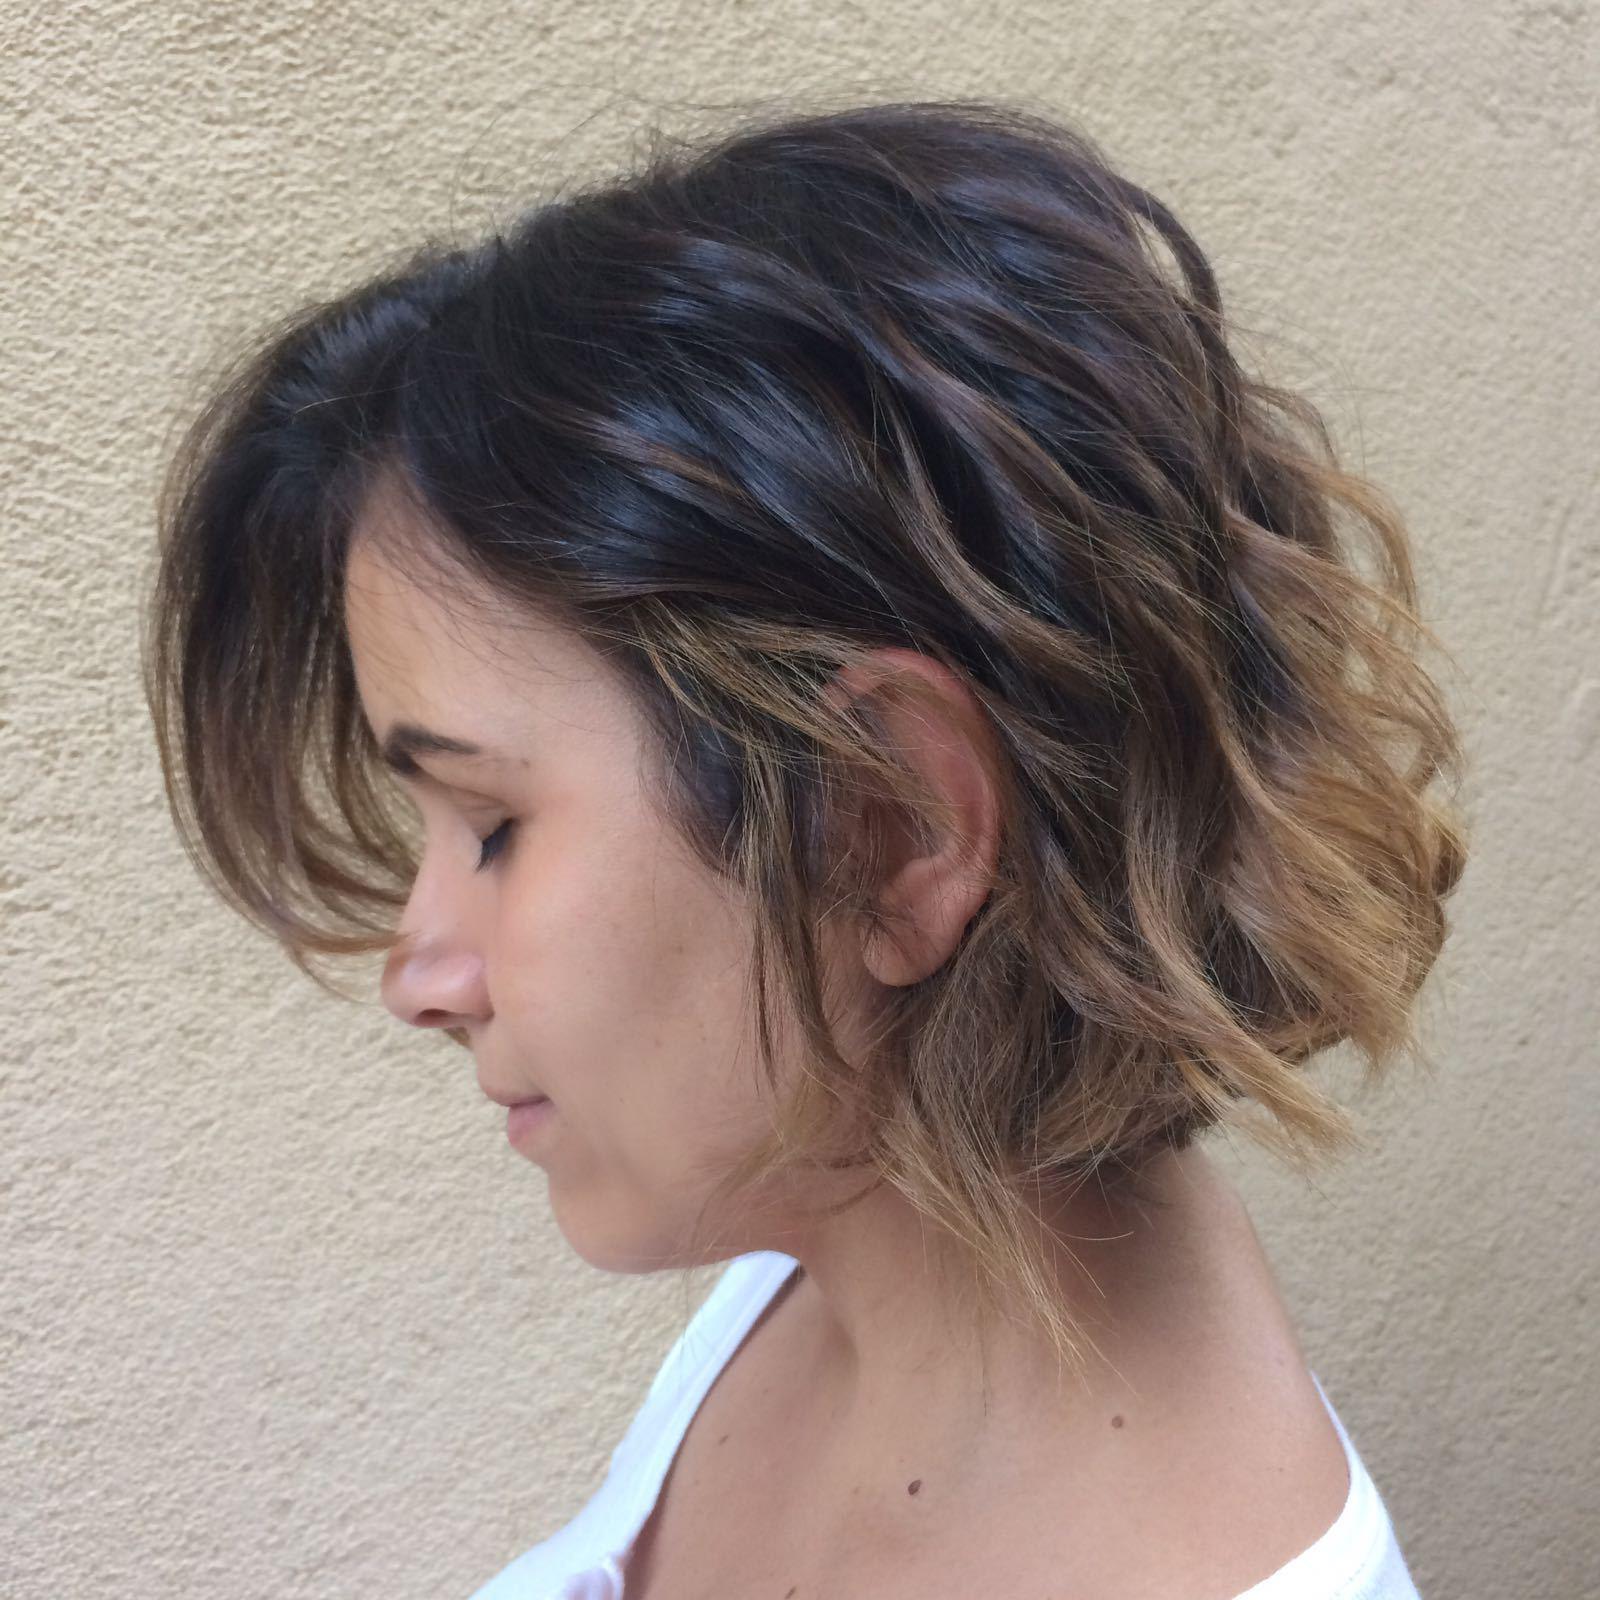 Corte levemente assimétrico e balayag Free hands cabelo auxiliar cabeleireiro(a) designer de sobrancelhas